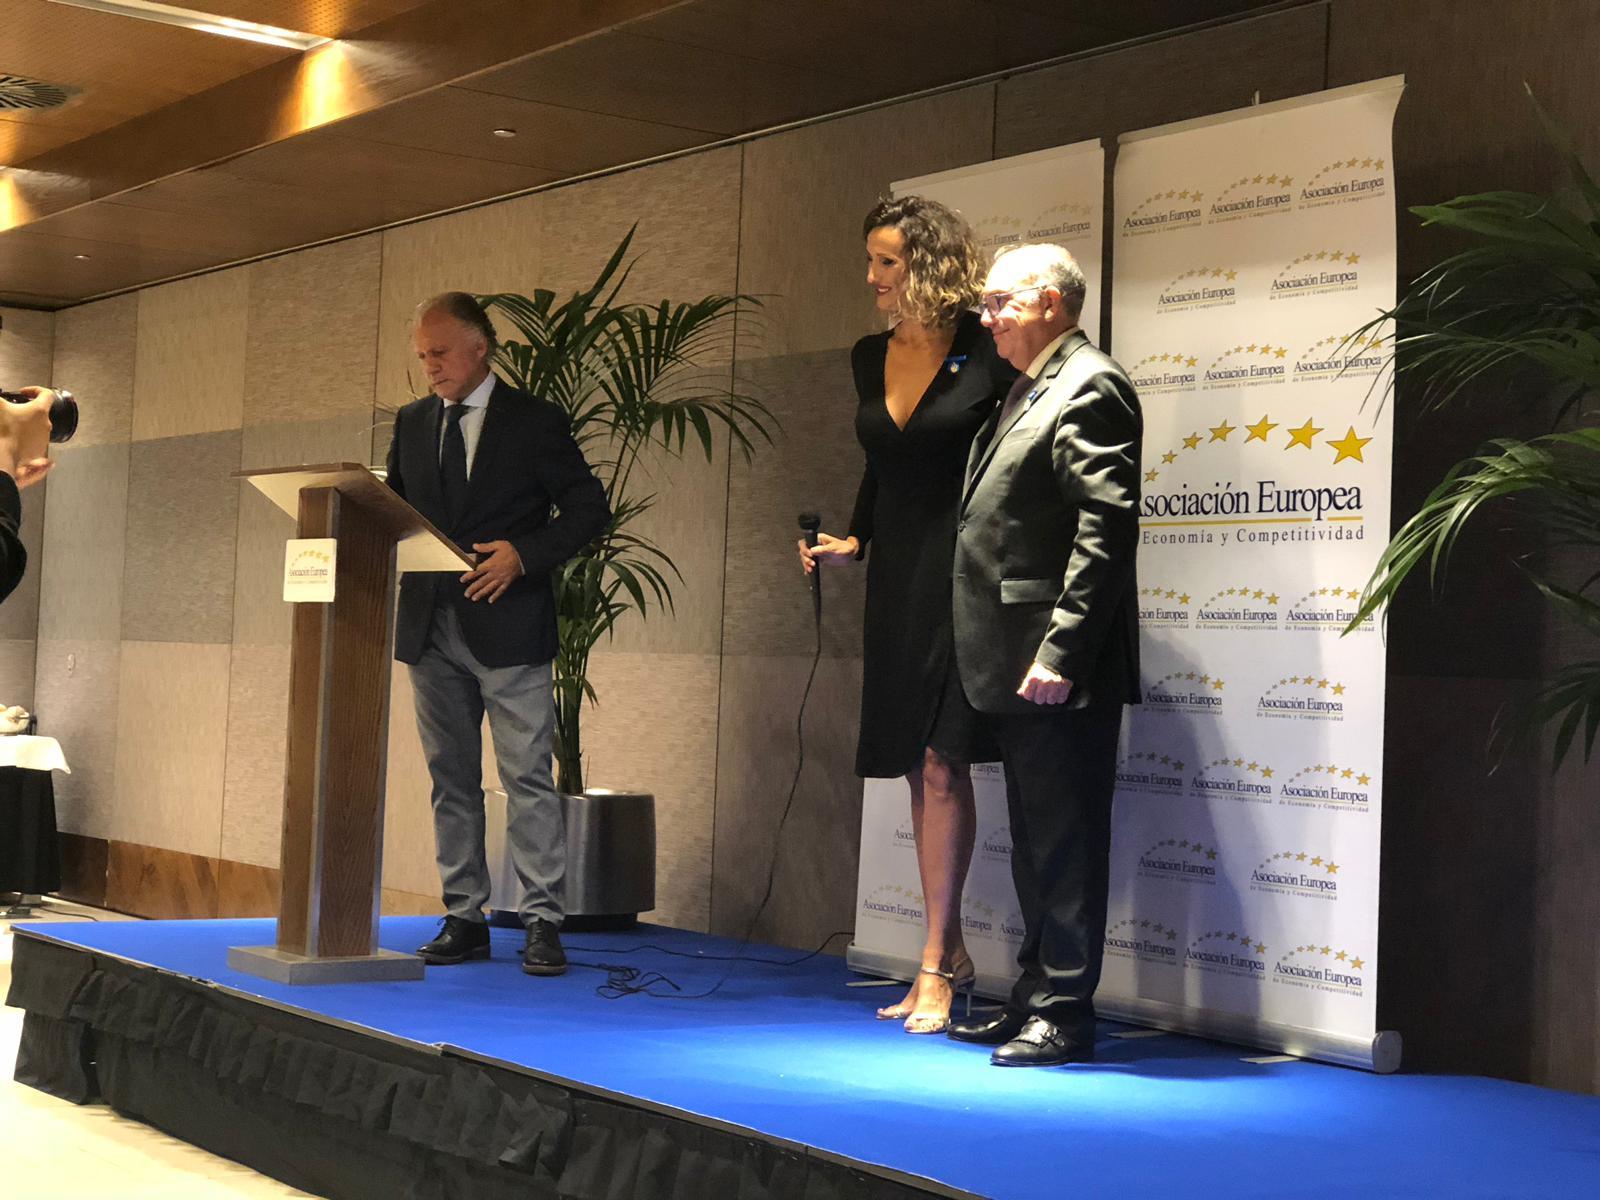 premio-asociacion-europea-economia-y-competitividad